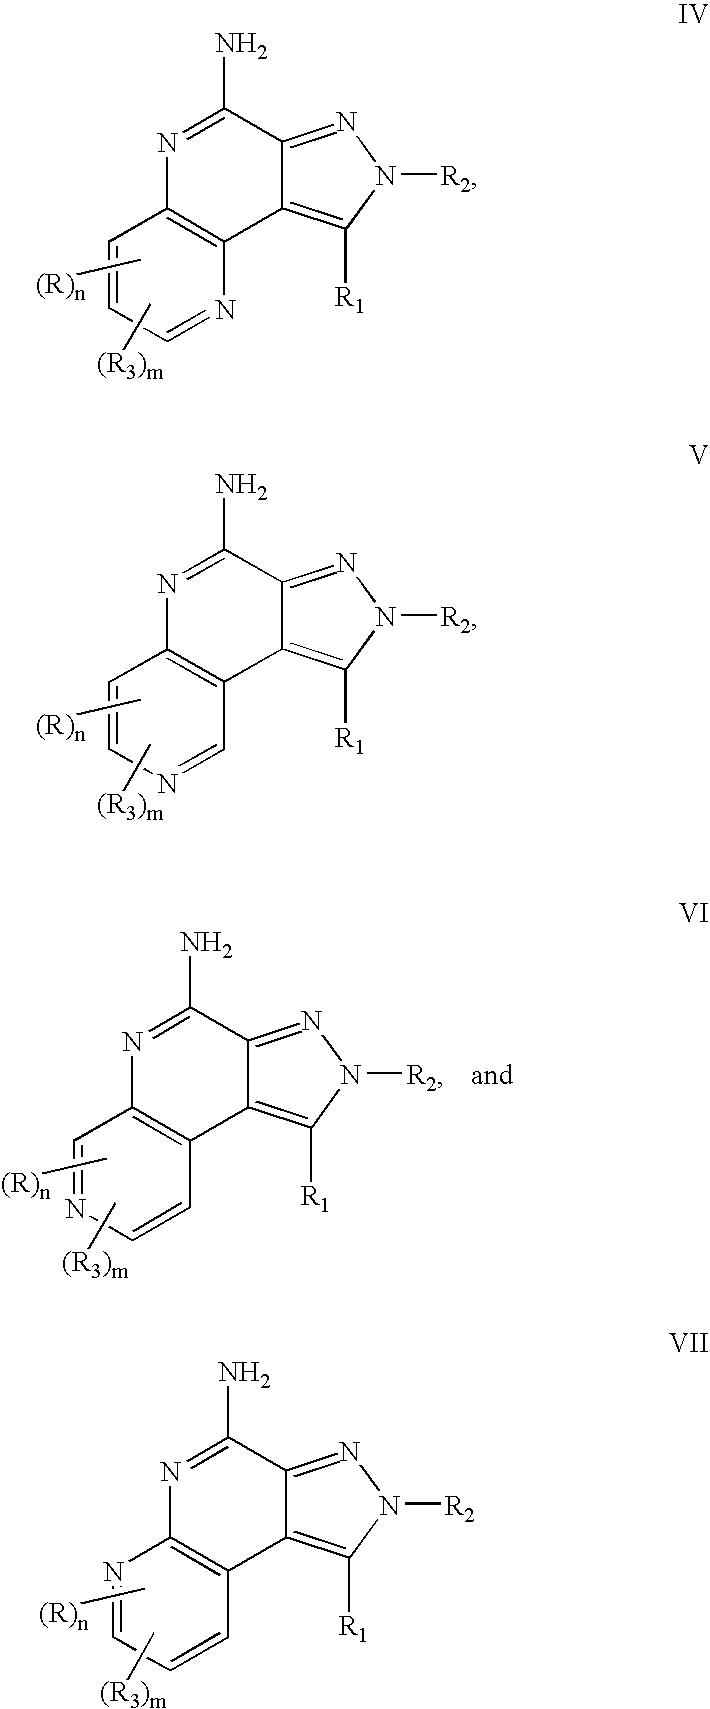 Figure US20060100229A1-20060511-C00011